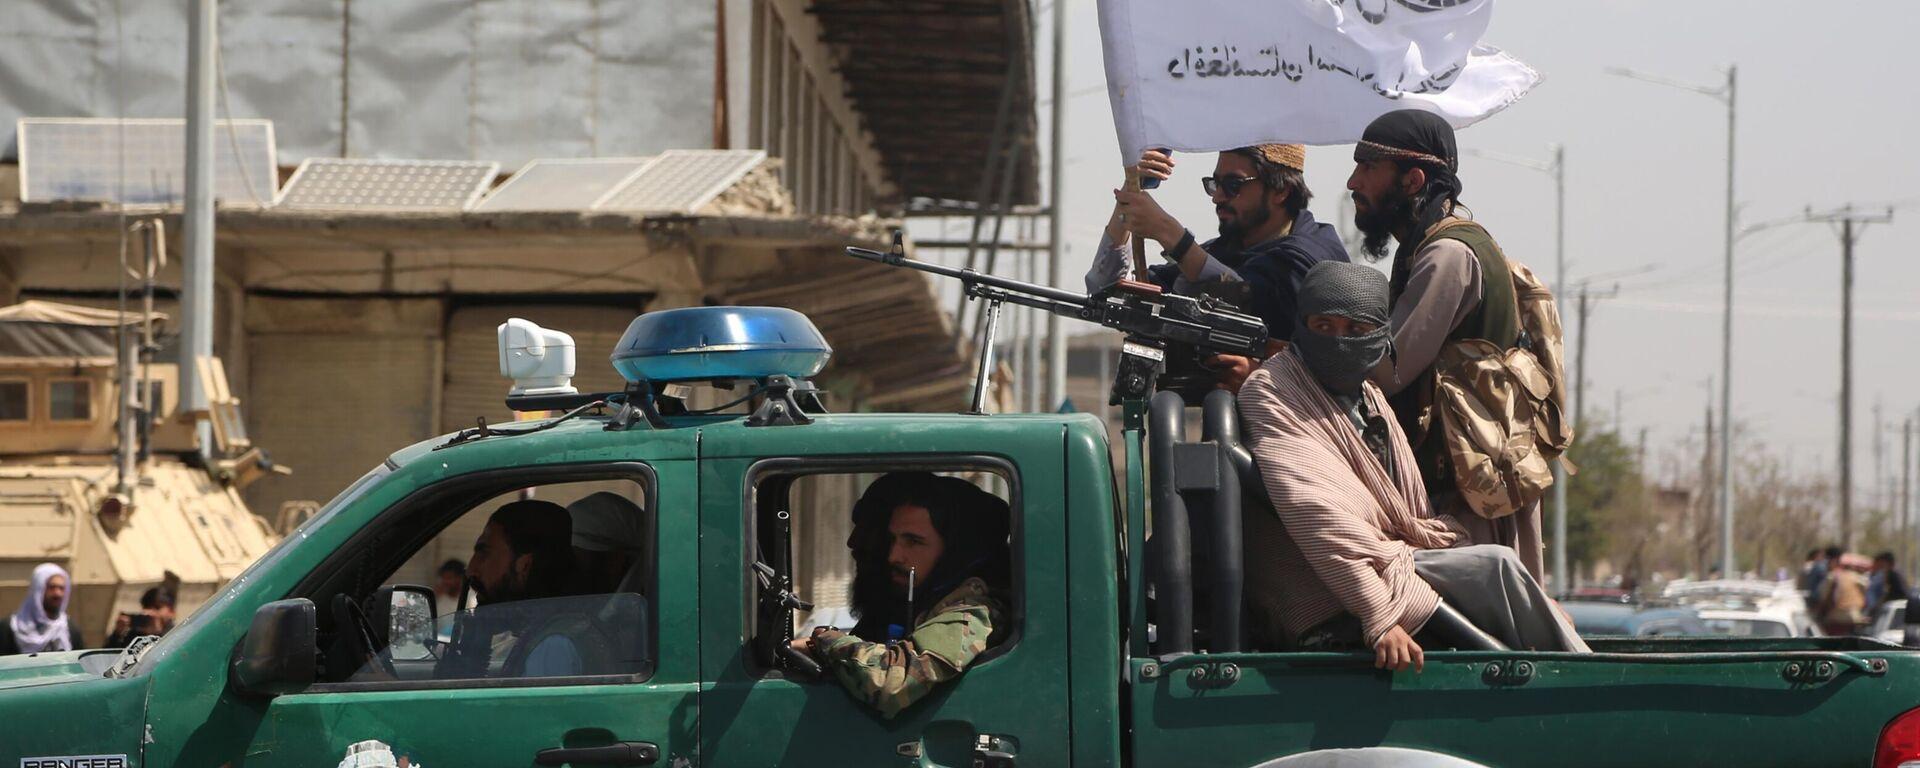 Afghanistan, Talebani a bordo di un veicolo della polizia - Sputnik Italia, 1920, 29.08.2021